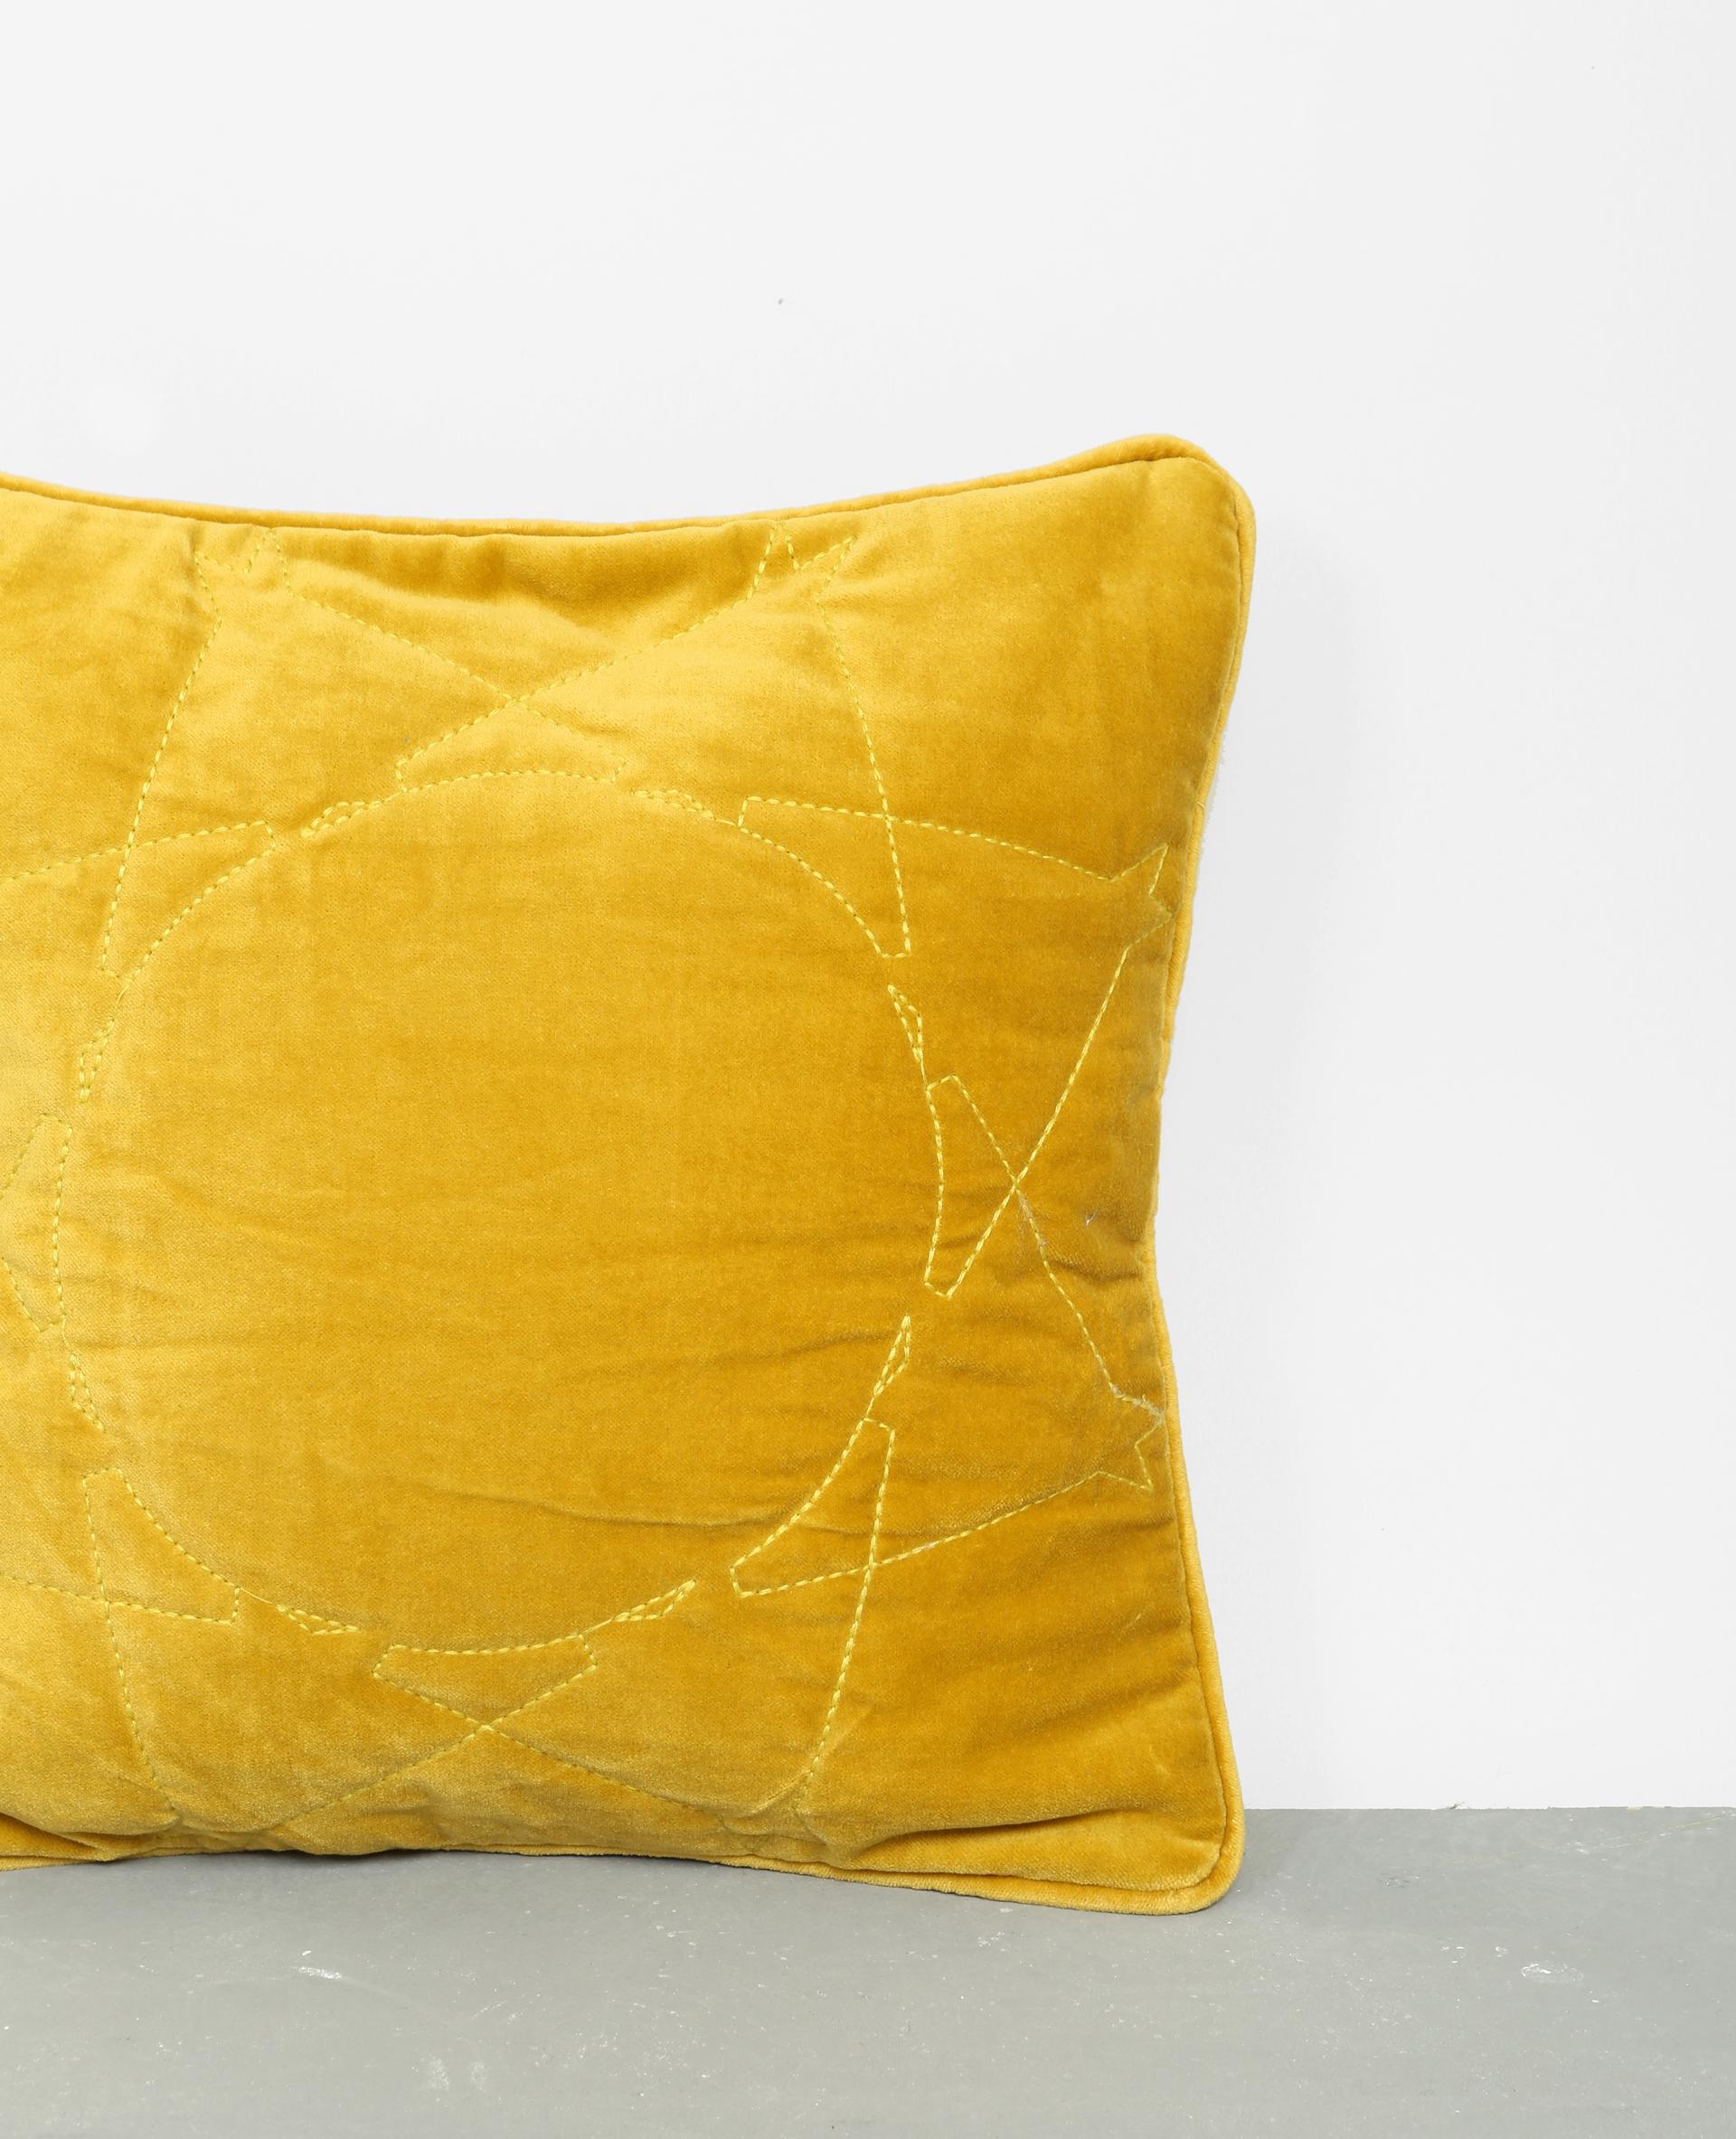 Housse de coussin effet velours jaune 907839008i80 pimkie - Housse de coussin jaune ...